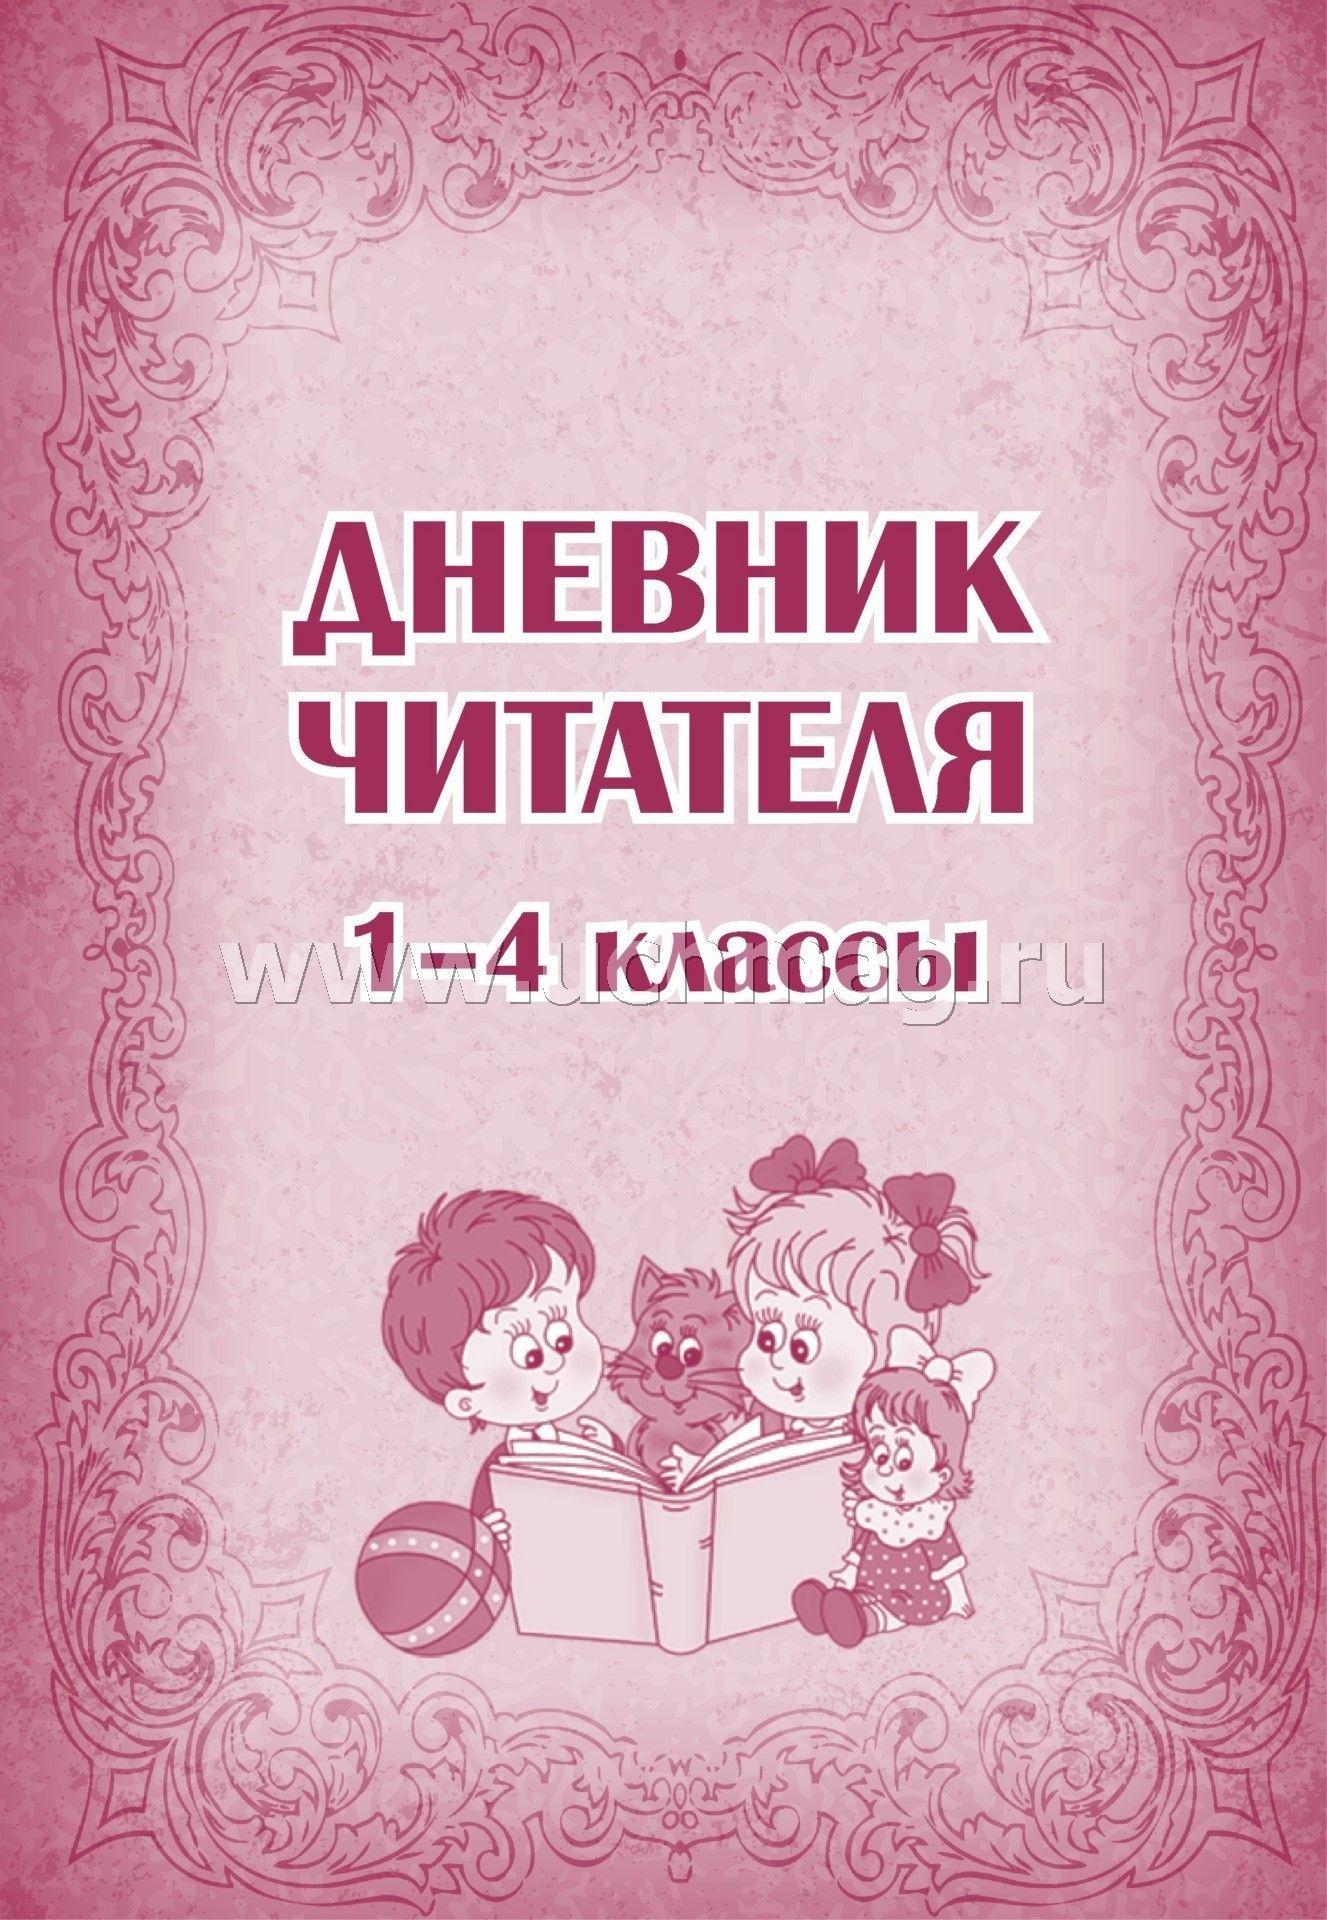 Дневник читателя (1-4 классы)